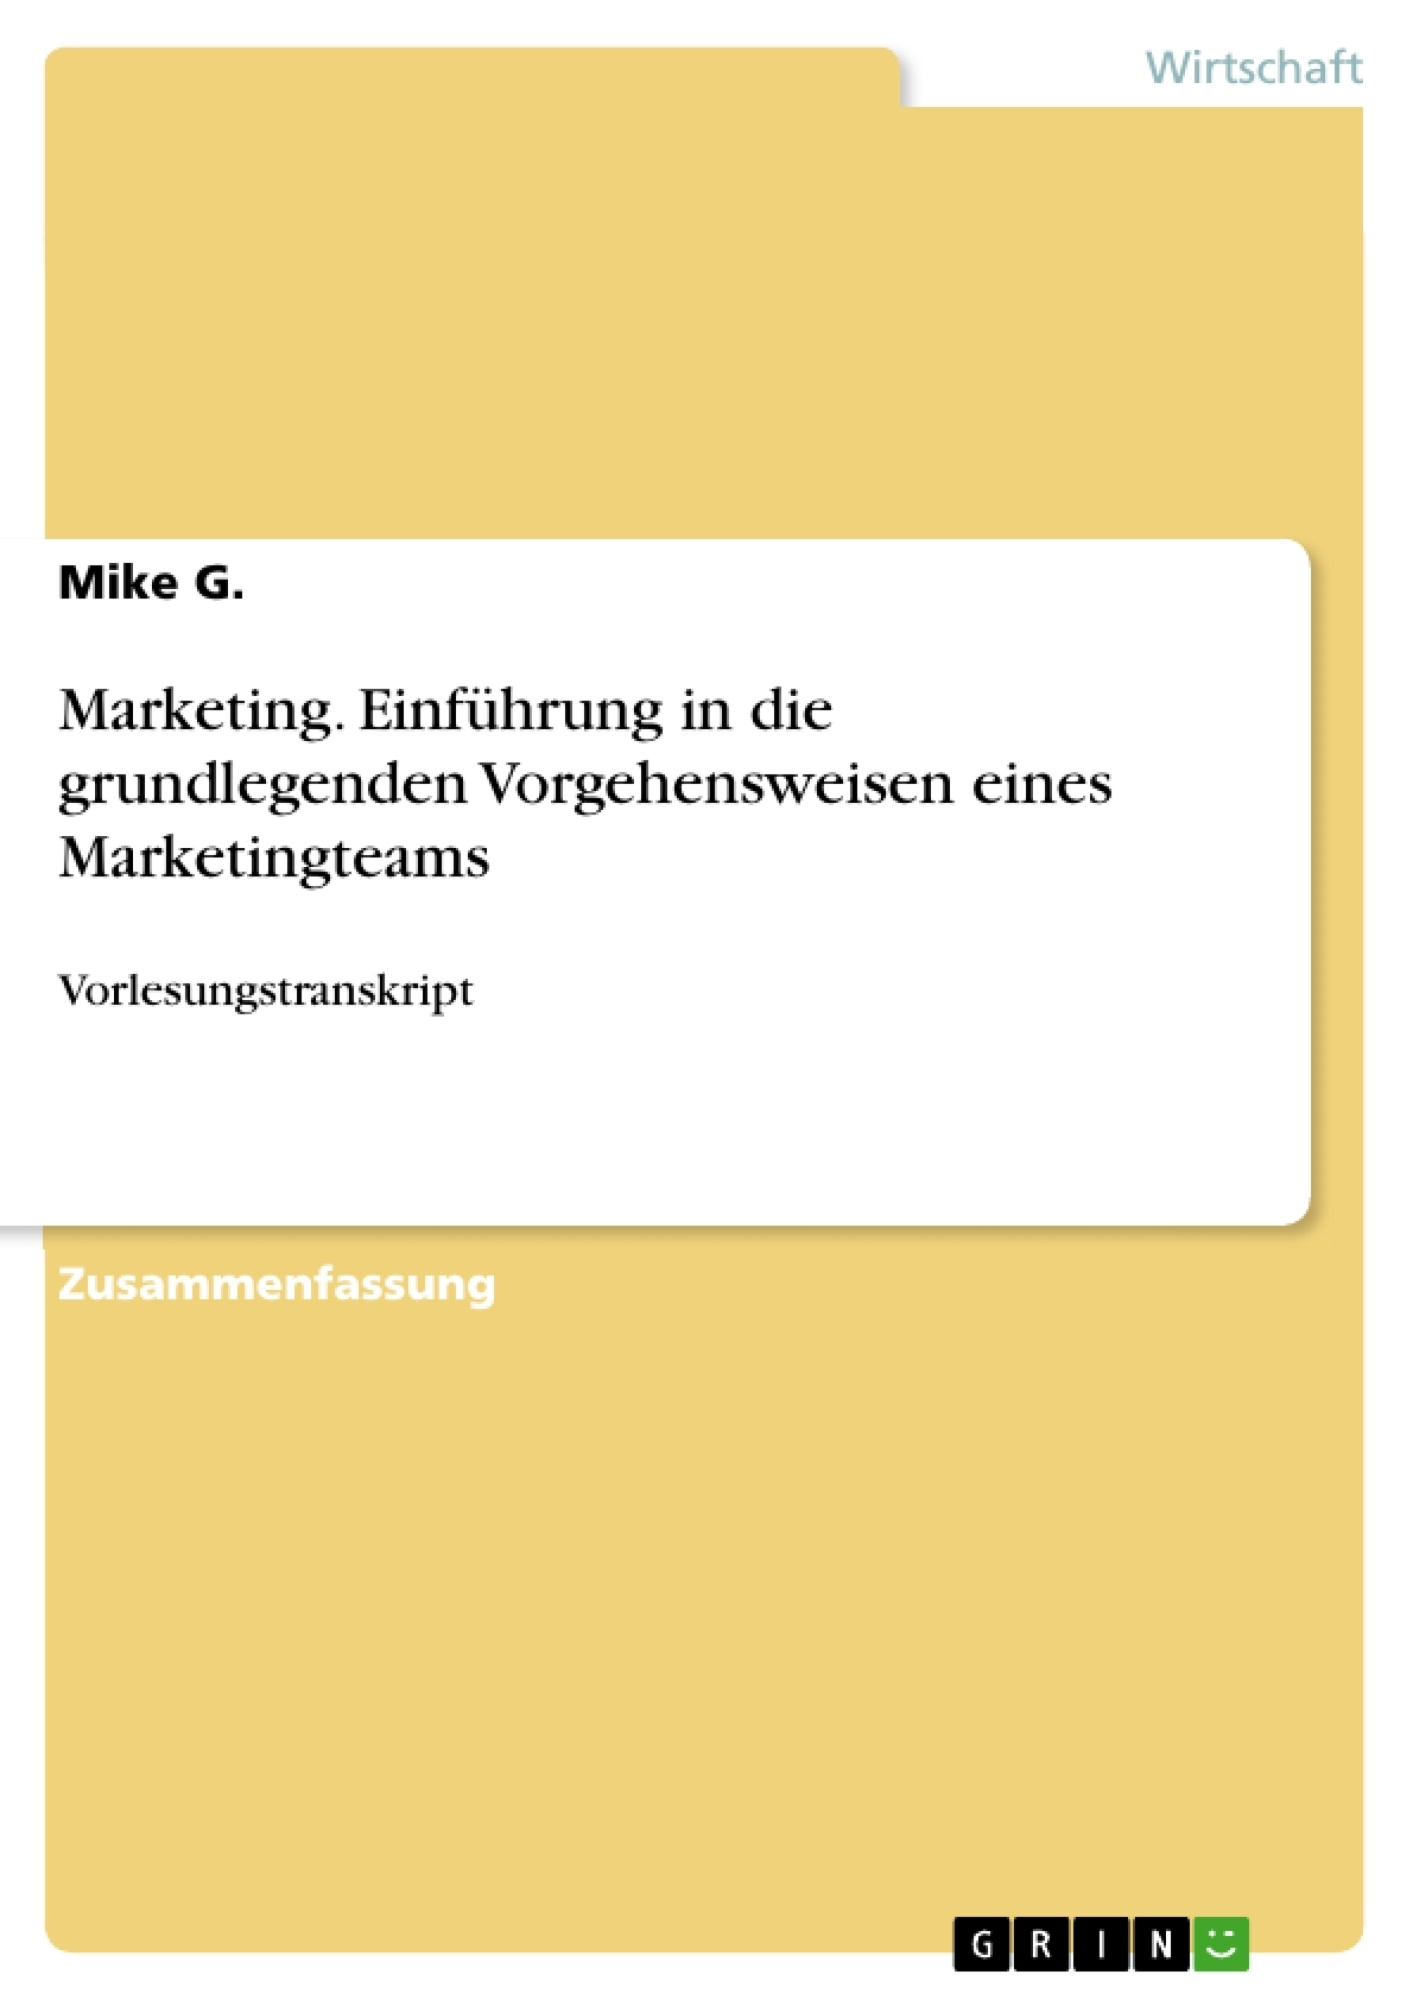 Titel: Marketing. Einführung in die grundlegenden Vorgehensweisen eines Marketingteams